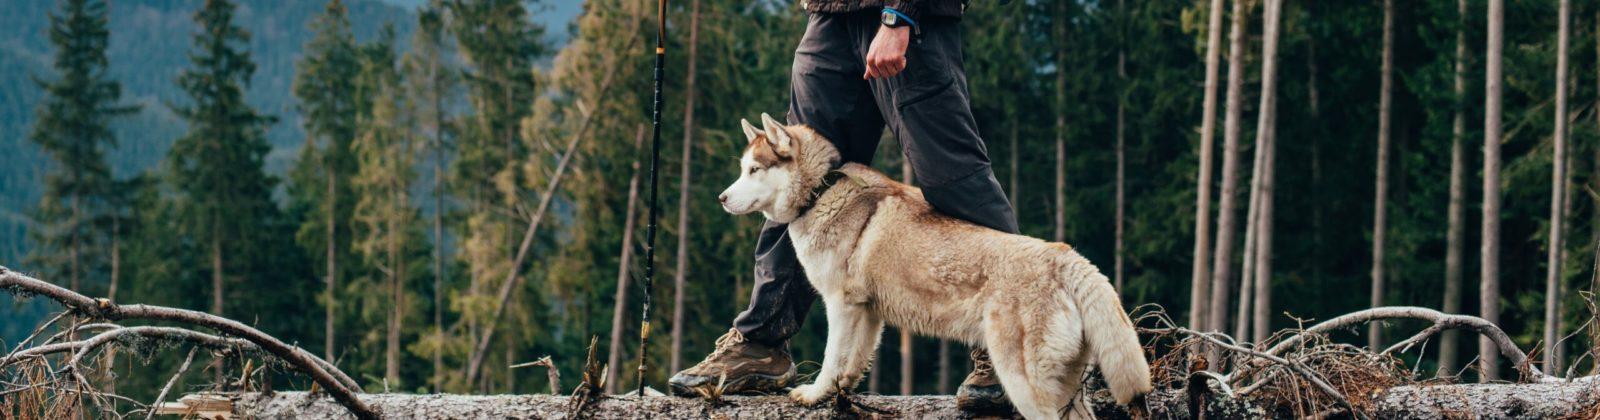 husky hike with man